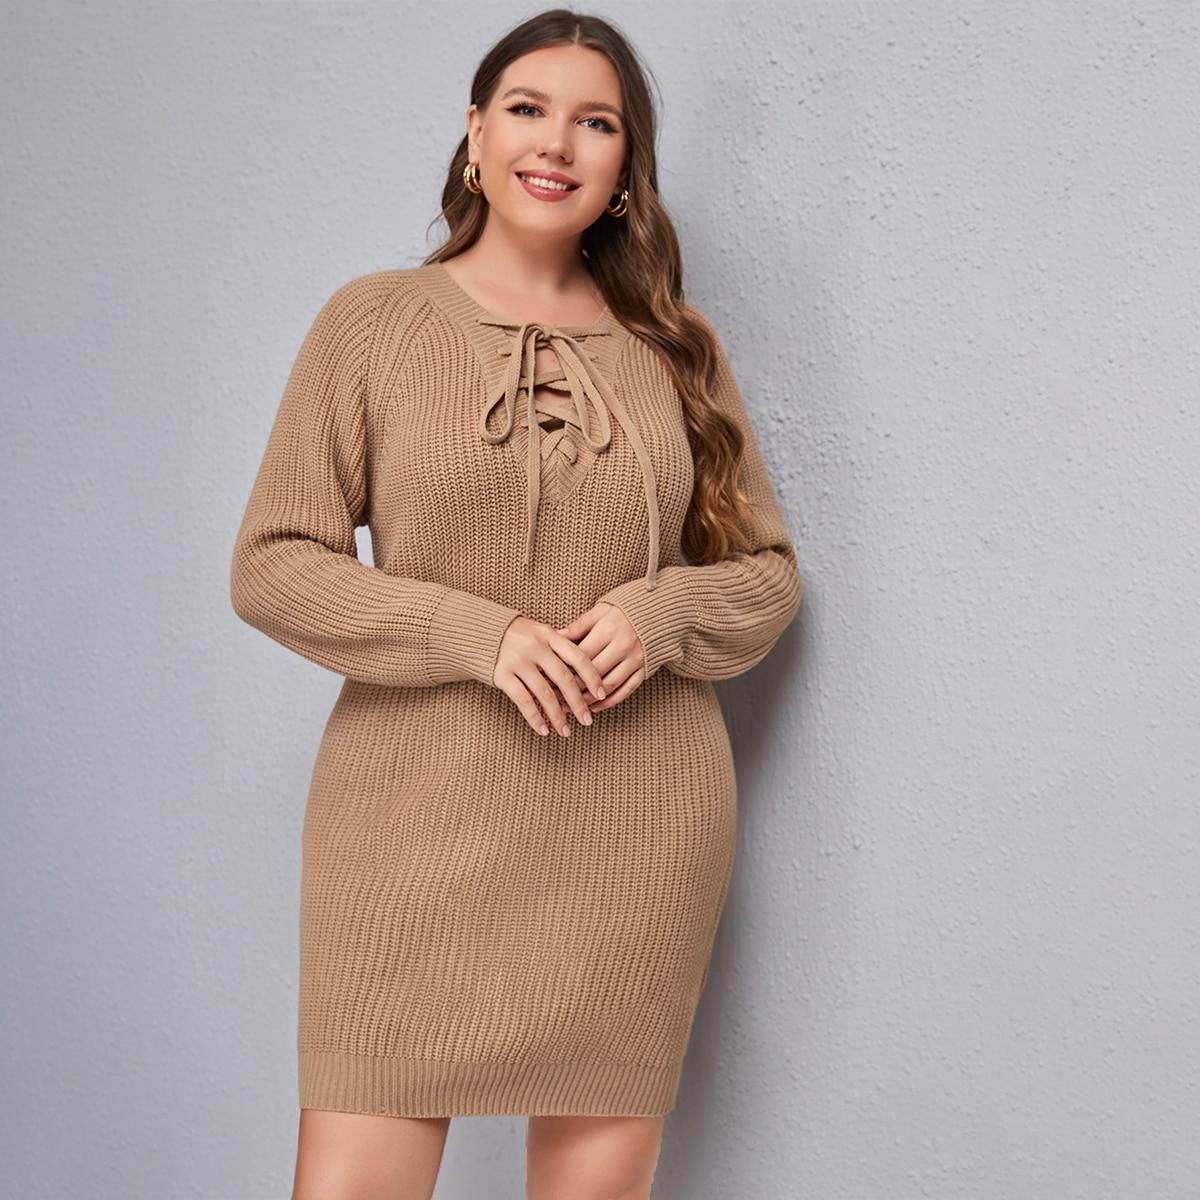 Однотонное платье-свитер на шнуровке размера плюс